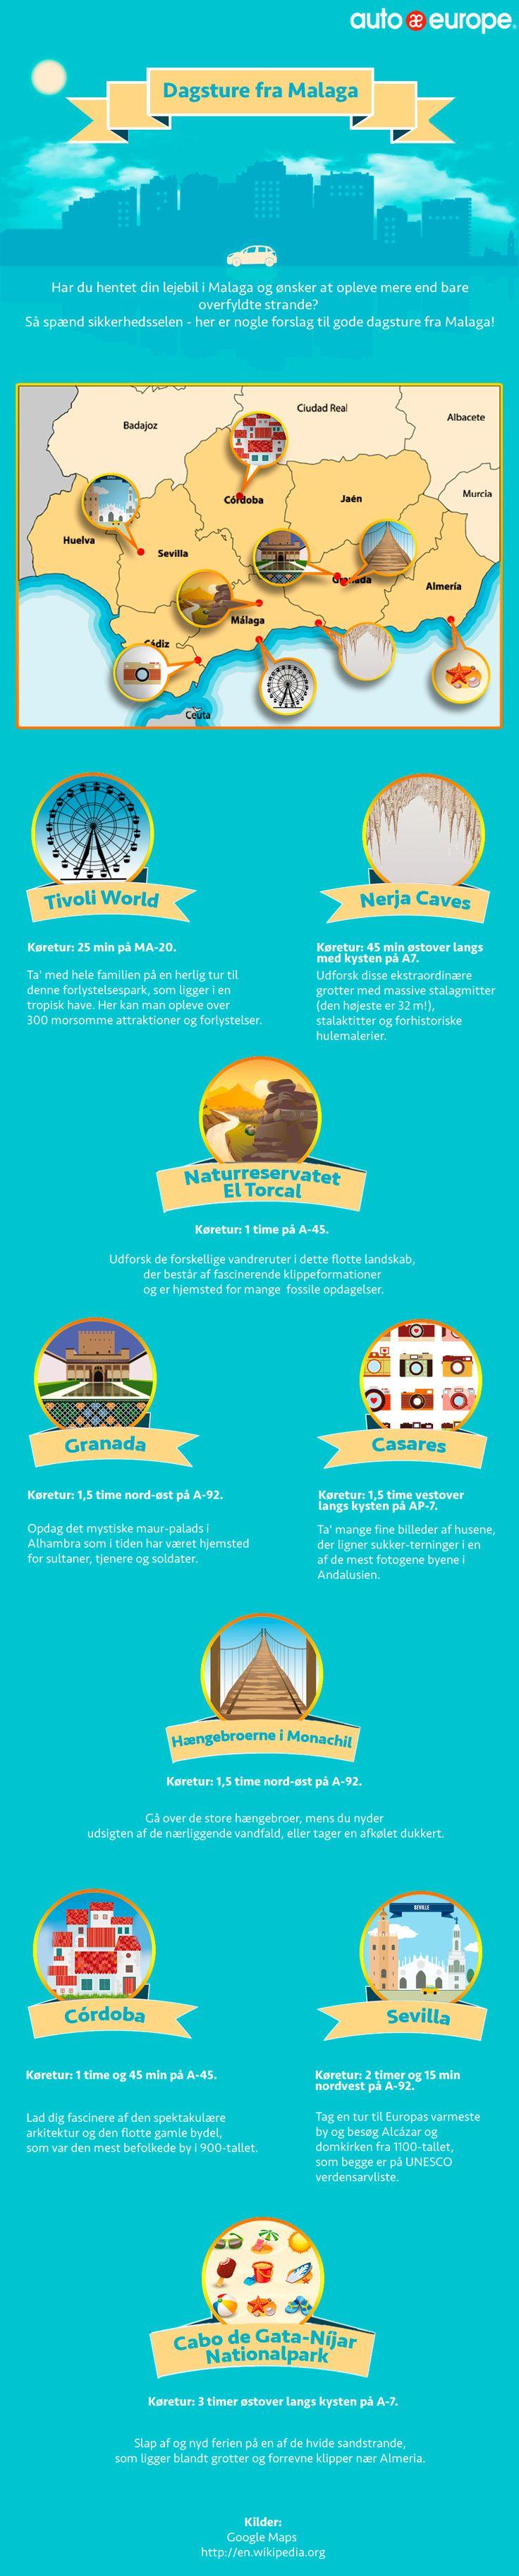 Infographic: Dagsture fra Malaga - Find flere af vores infografikker her: http://www.autoeurope.dk/go/infographics/